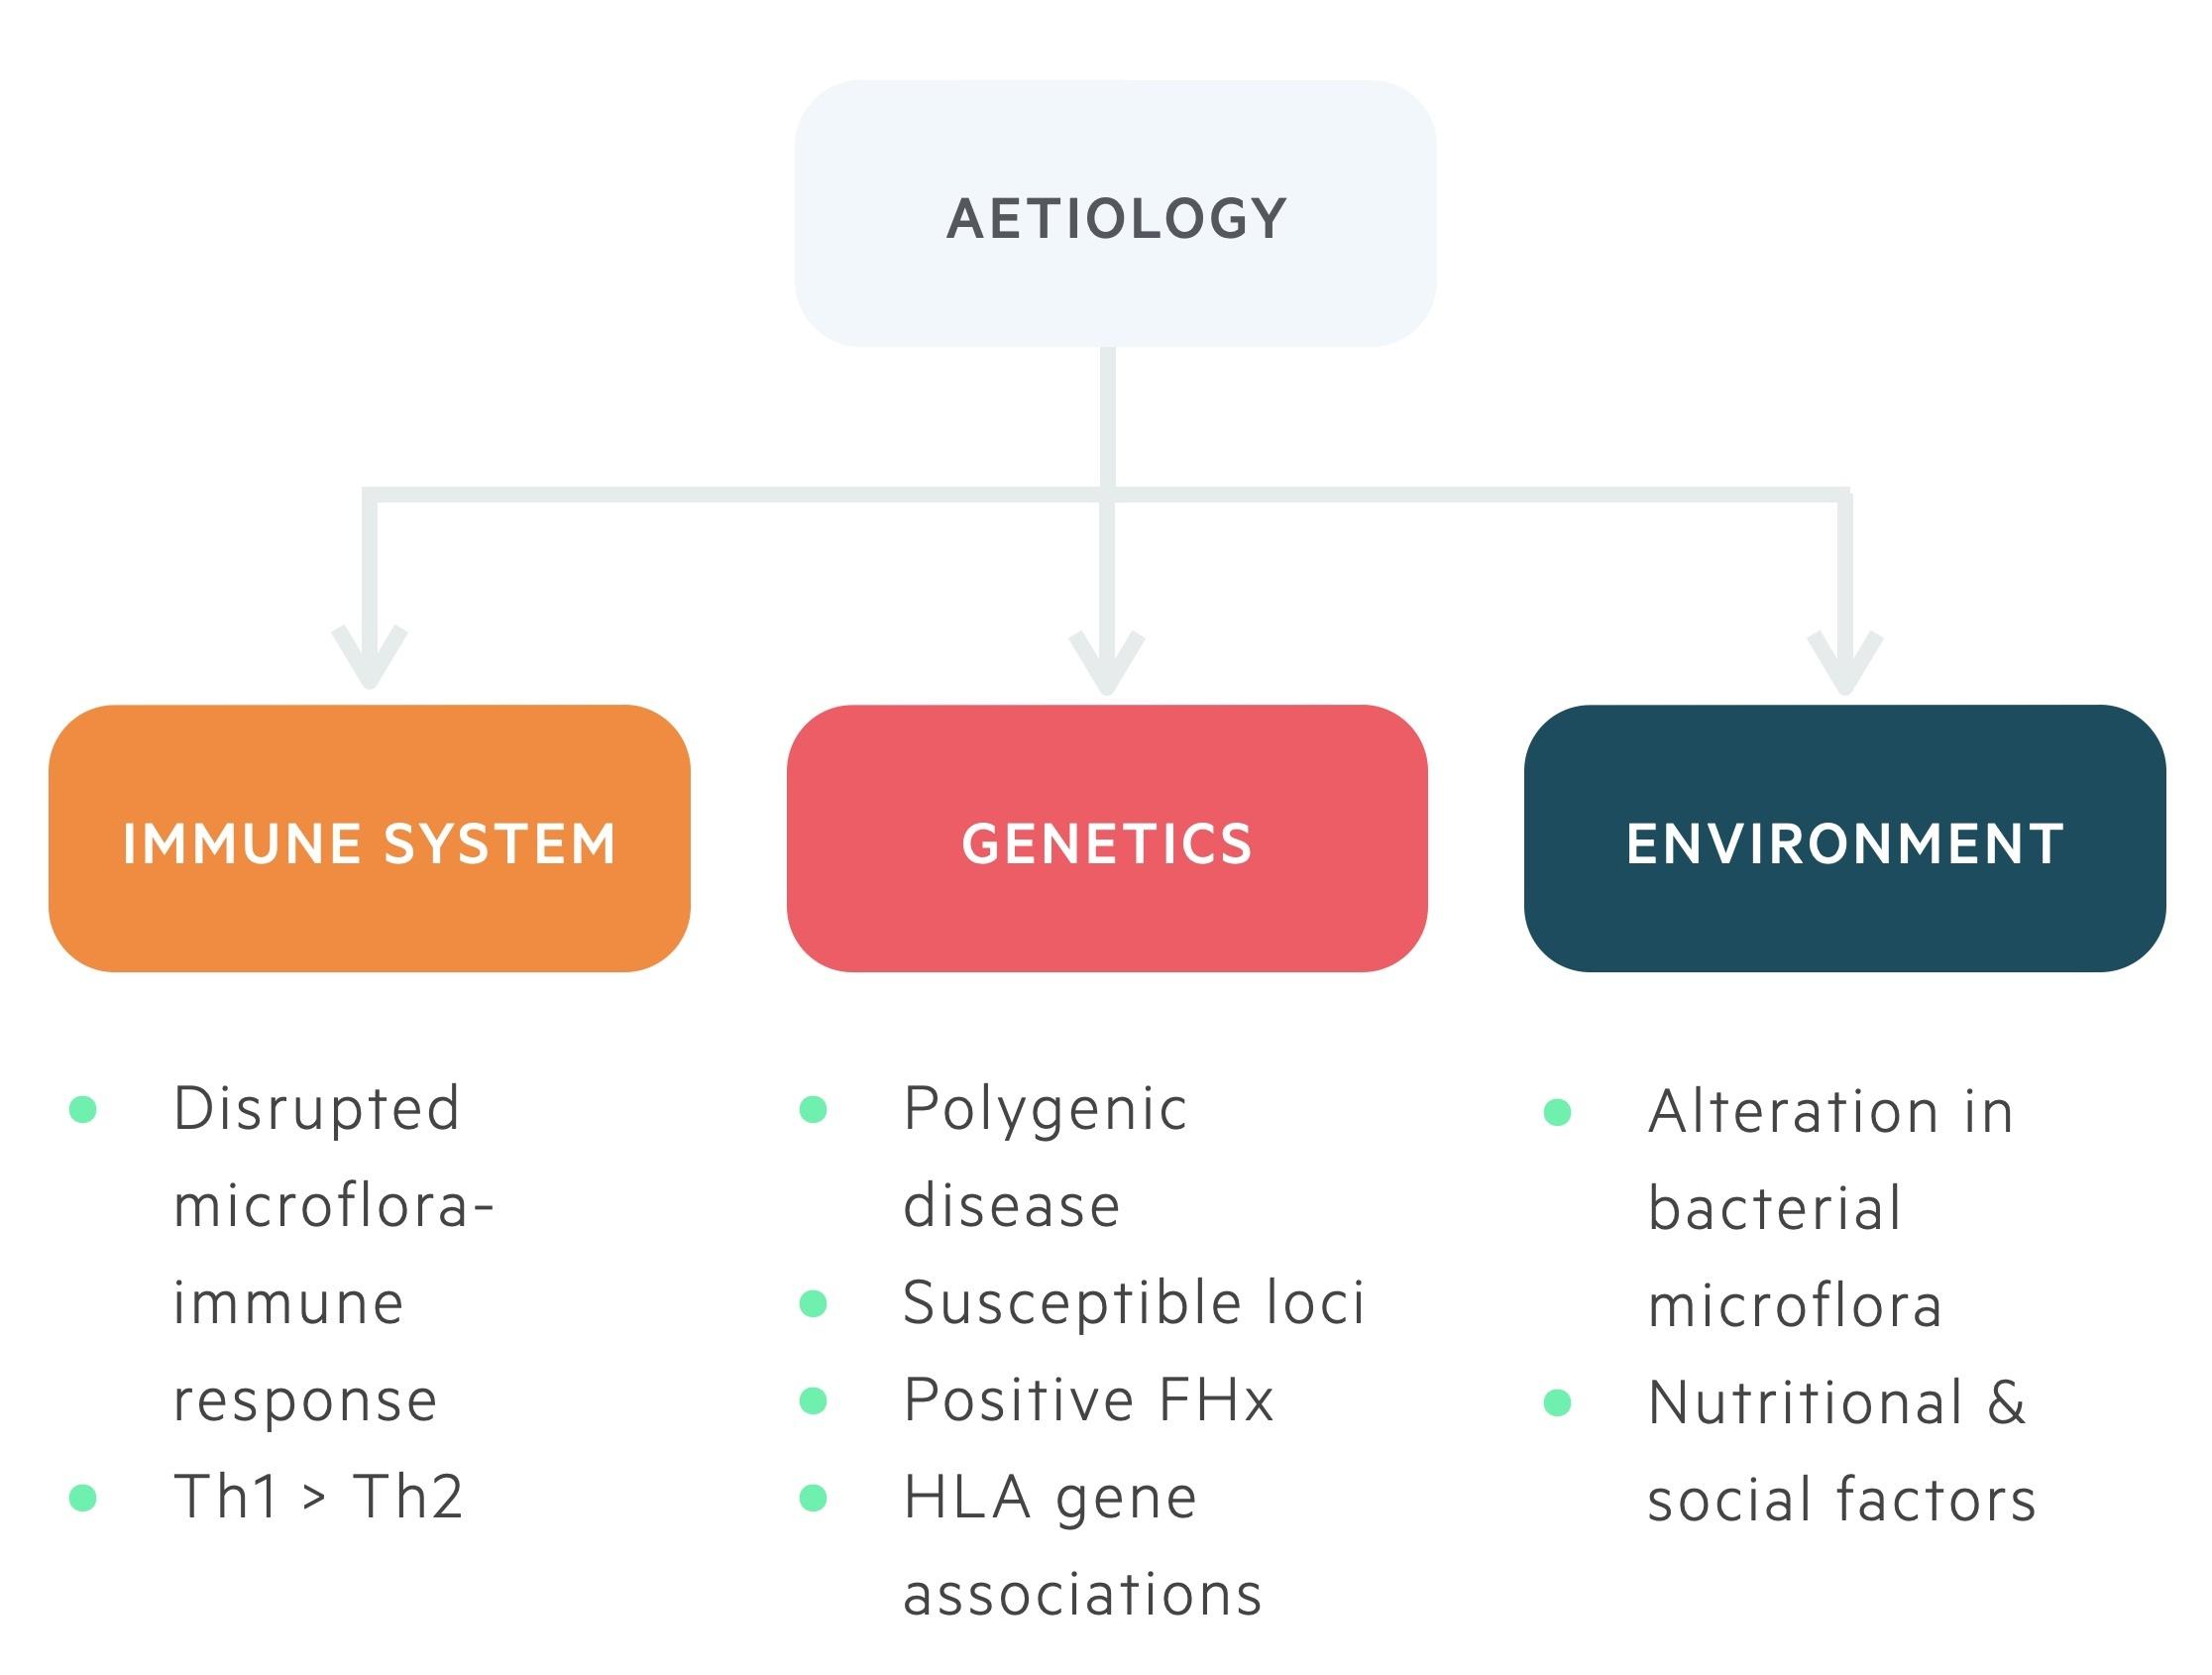 Aetiology of inflammatory bowel disease (UC/CD)